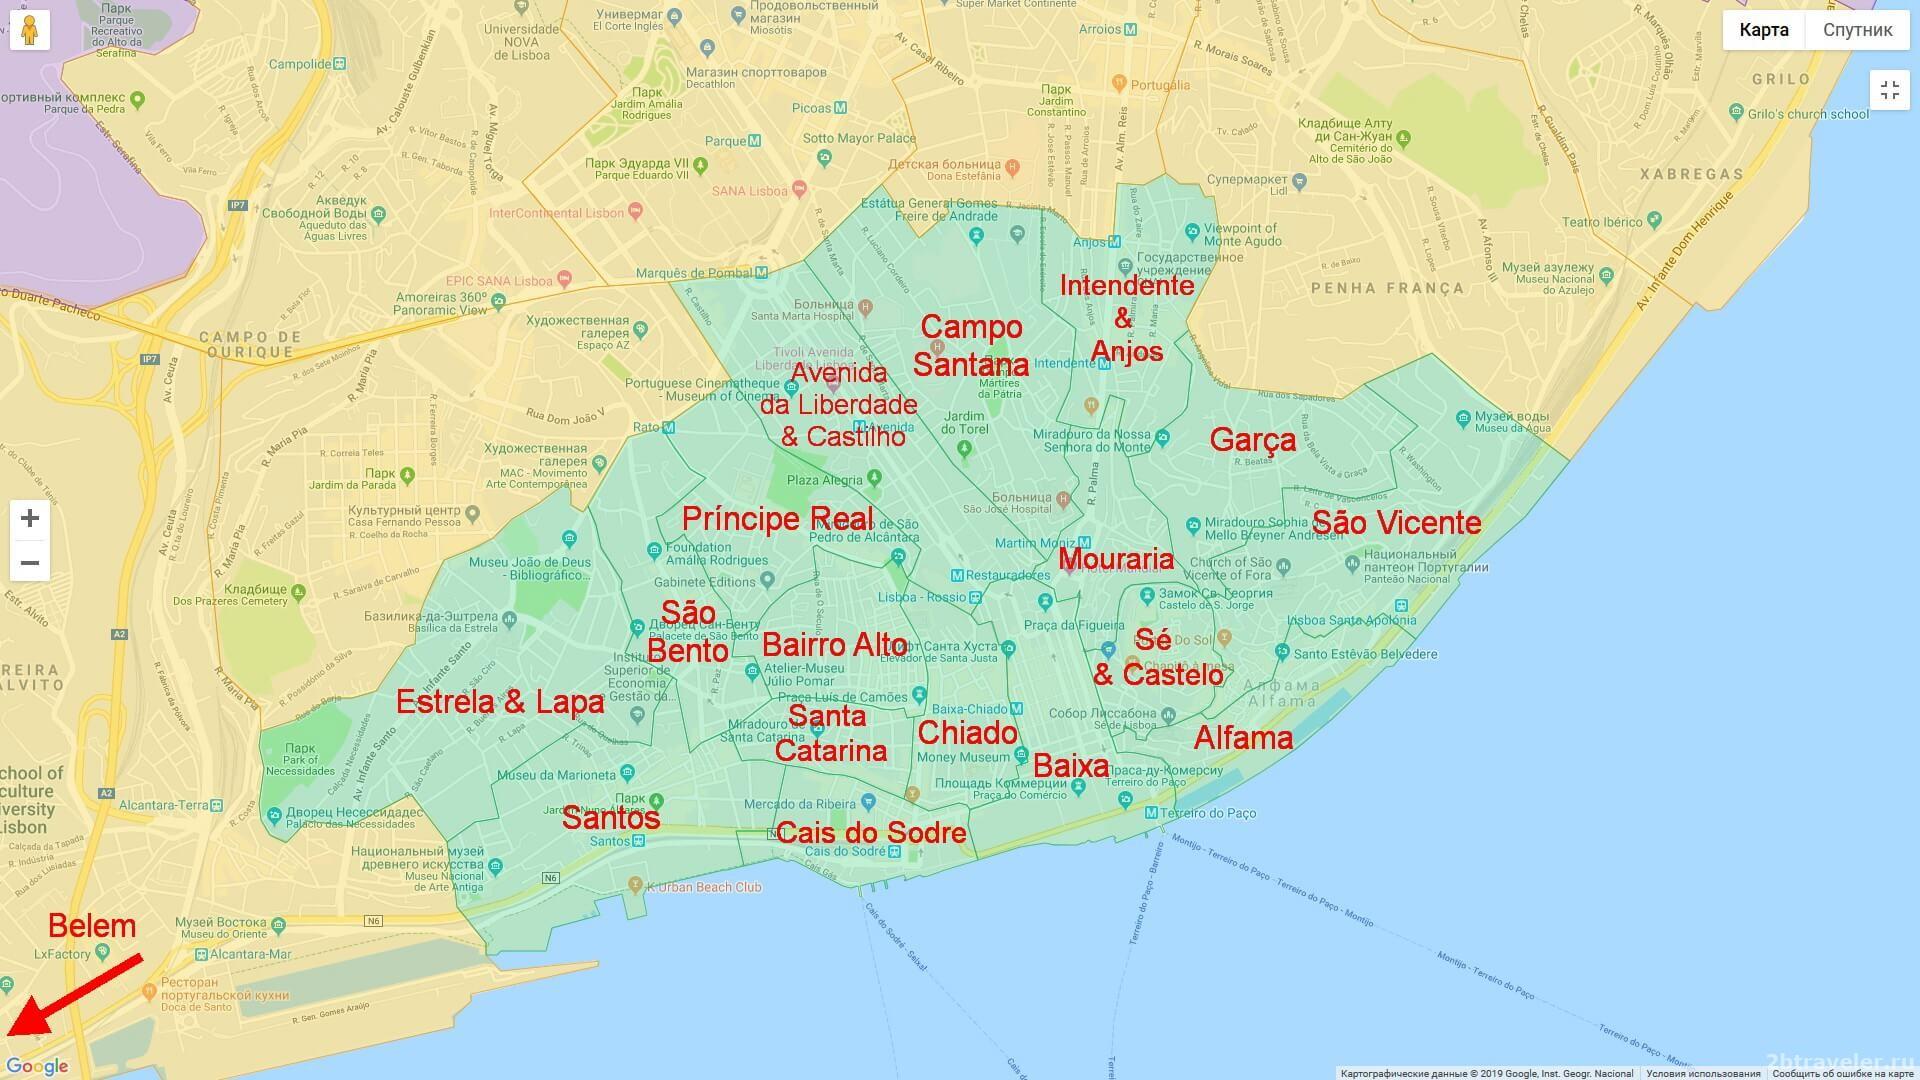 карта лиссабона с районами